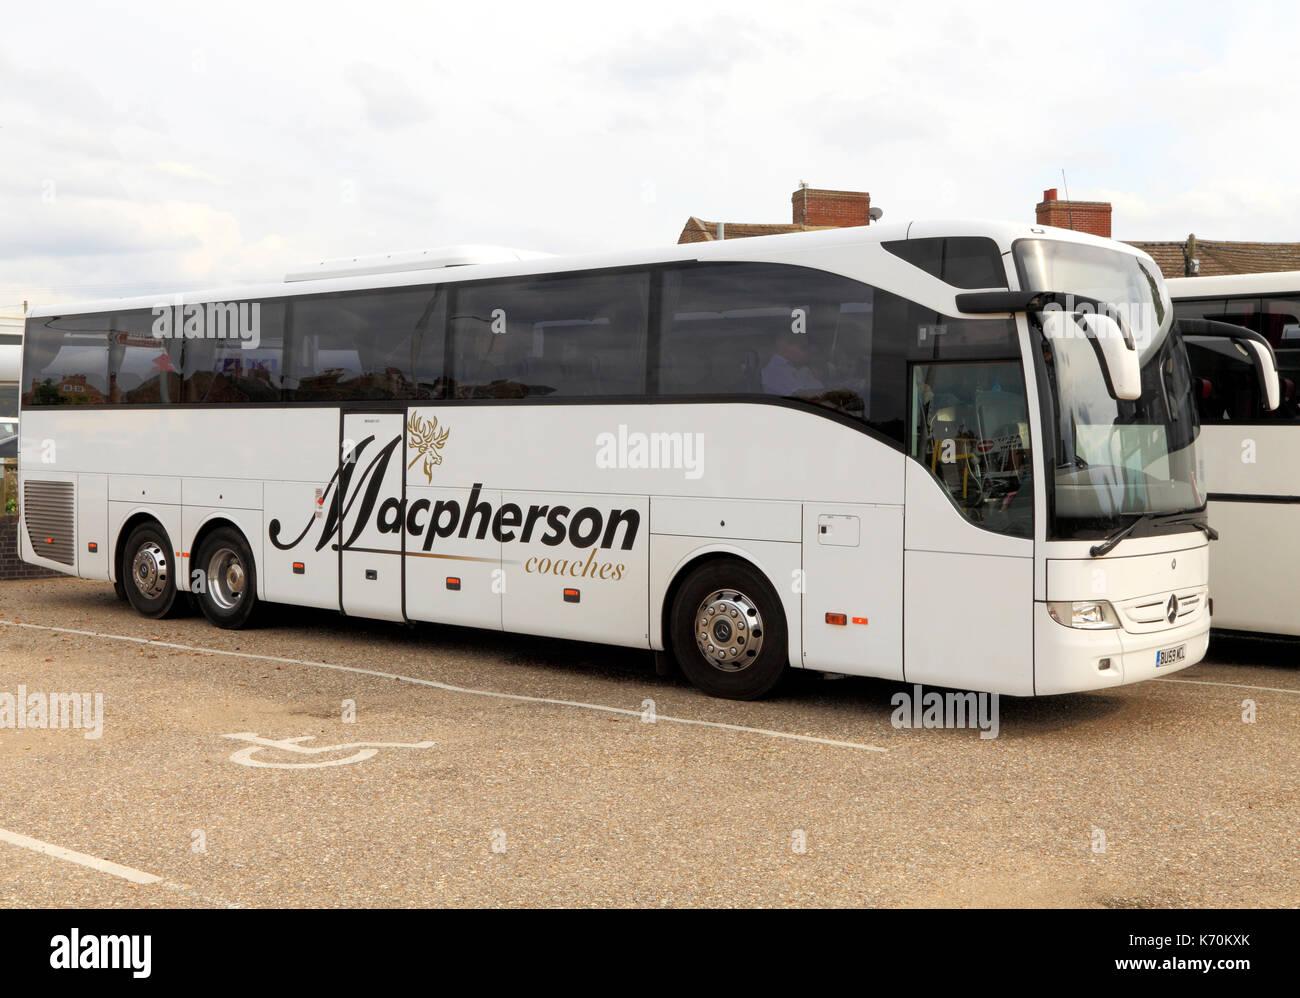 Macpherson entrenadores, entrenador, día de viaje, viajes, excursiones, excursiones, empresa de viajes, empresas de transporte, viajes de vacaciones, vacaciones, Inglaterra, Reino Unido. Imagen De Stock